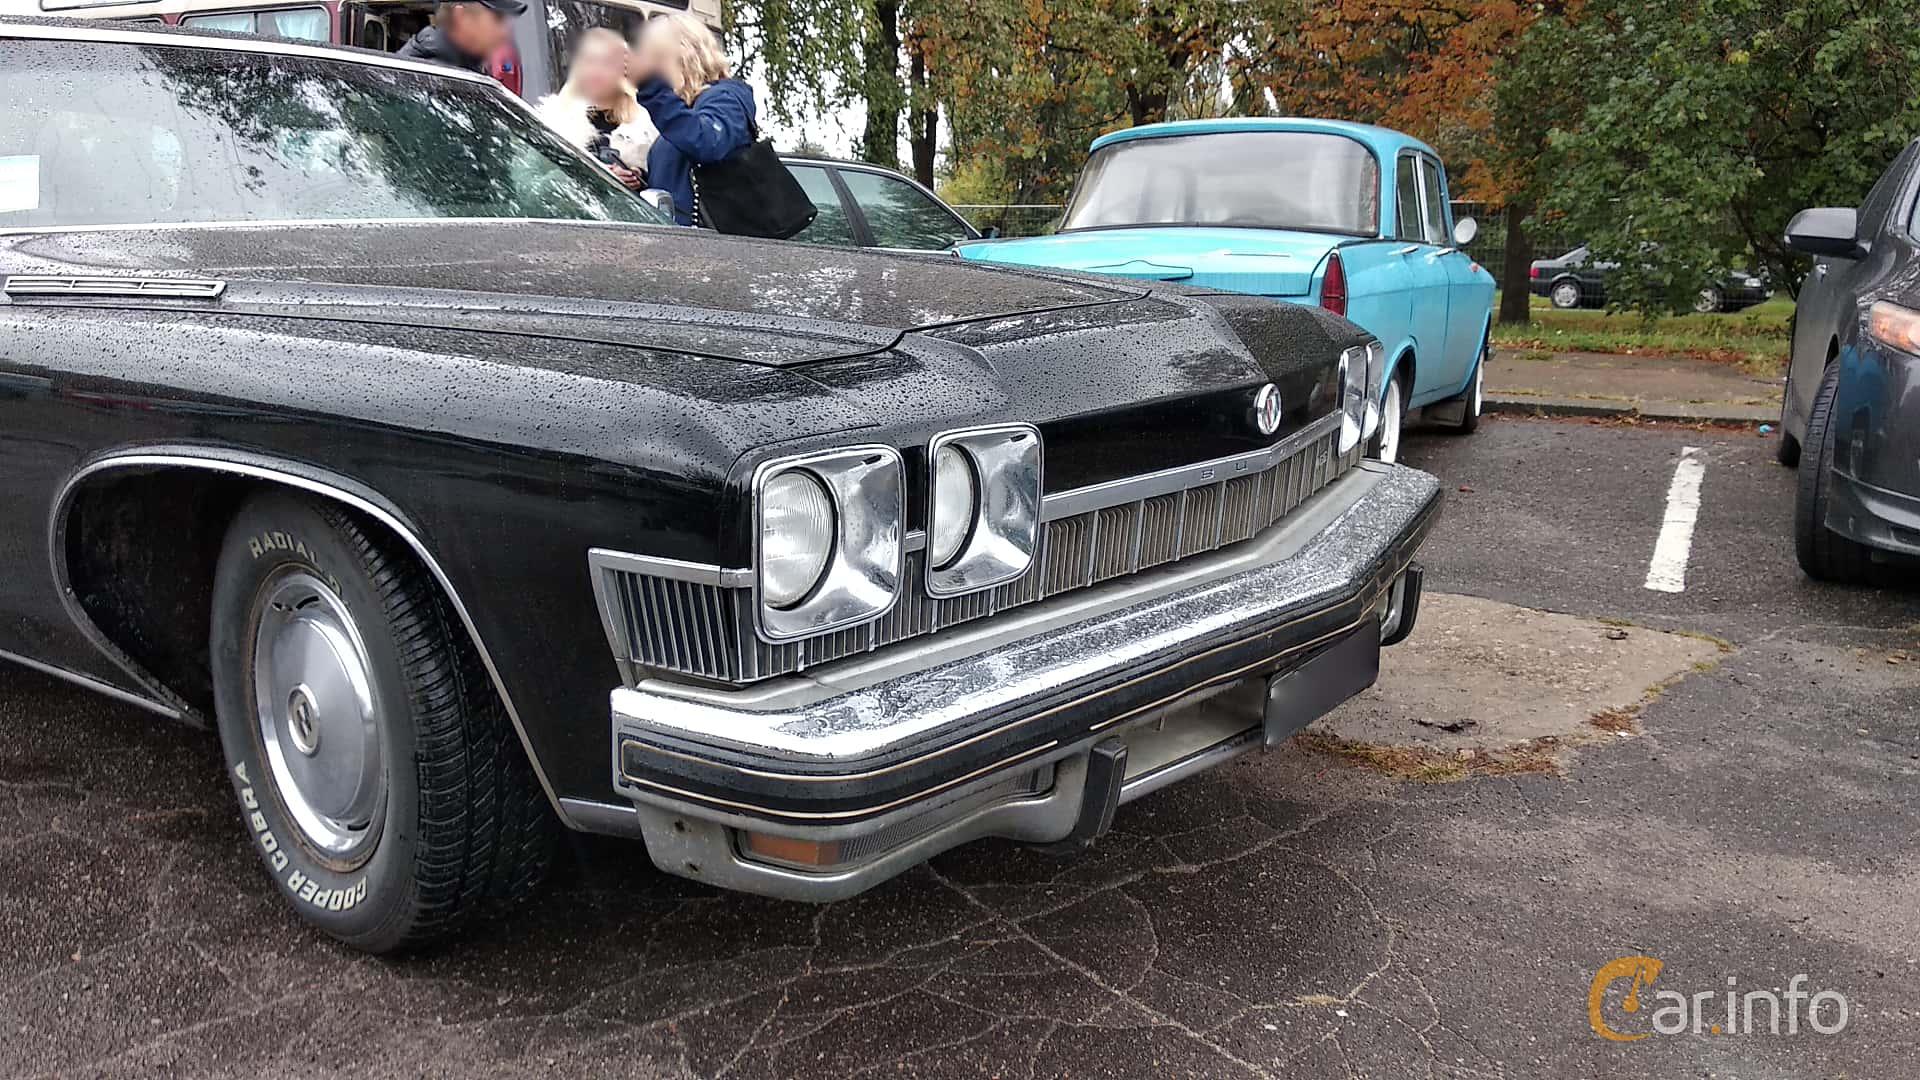 Buick LeSabre Hardtop Sedan 1974 at Old Car Land no.2 2018